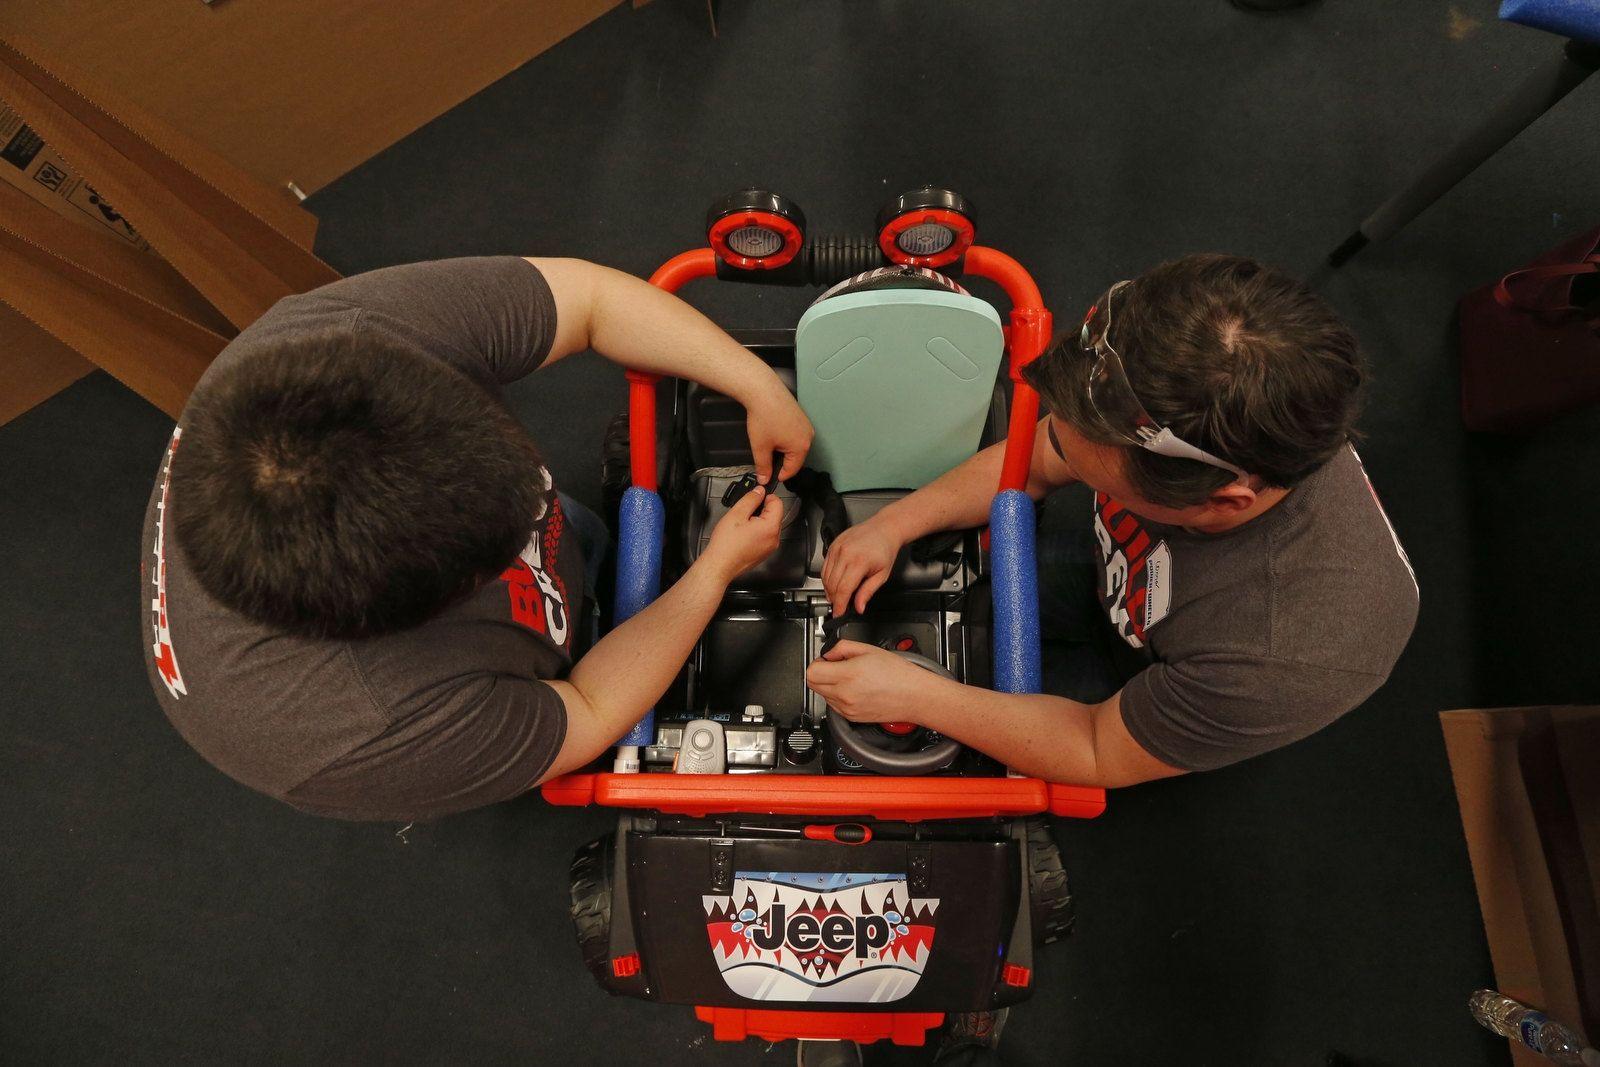 Students Noah Demetri, left, and Connor Bowman go through their final checklist before testing their car.